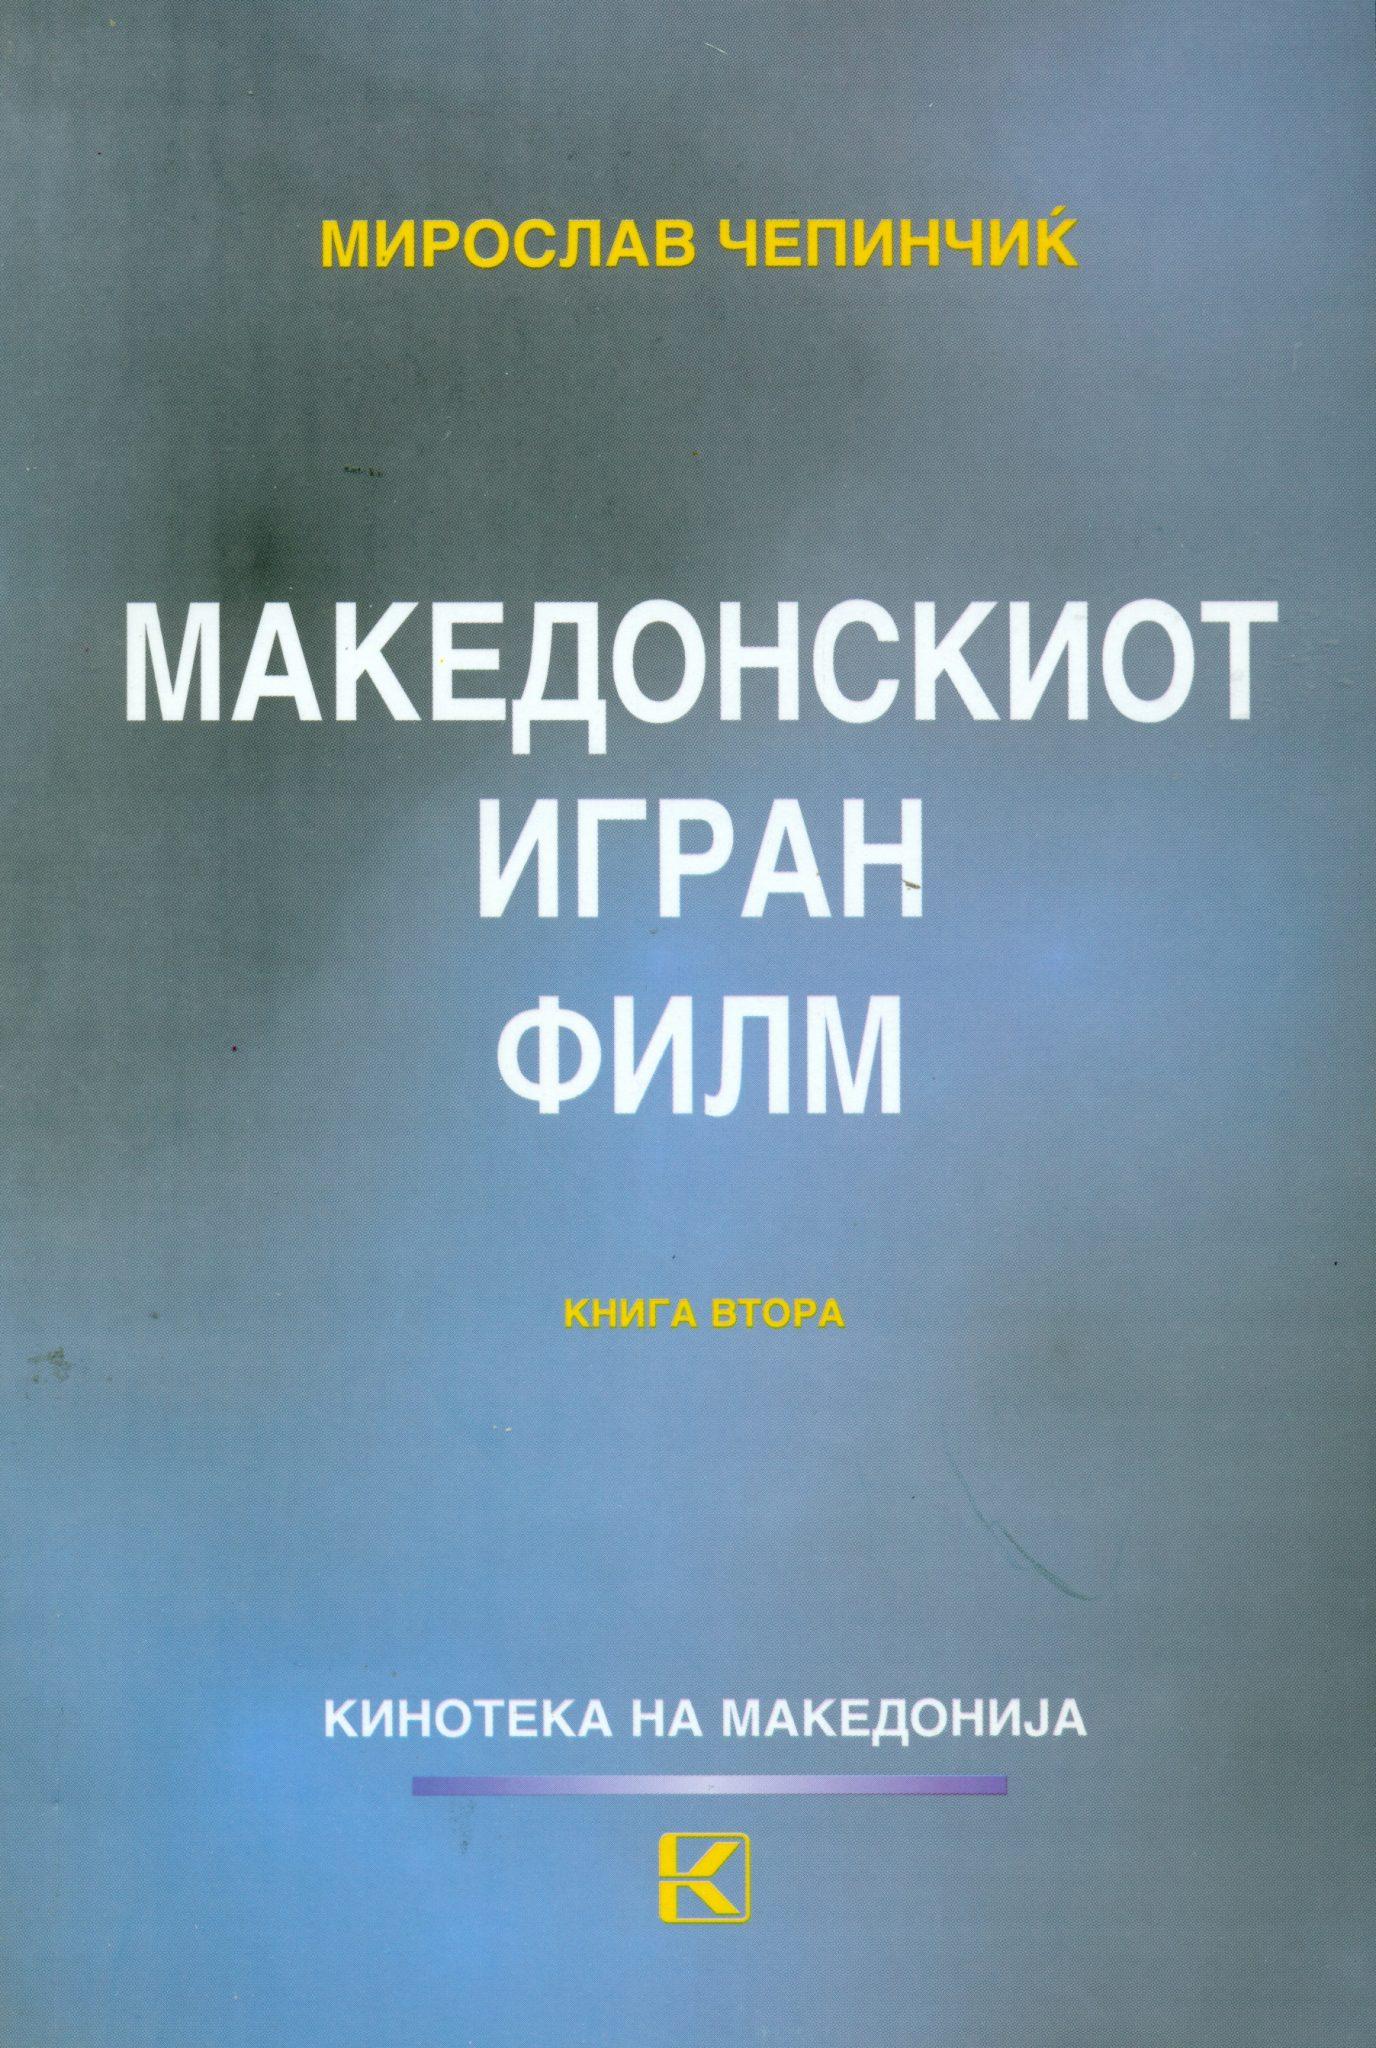 МАКЕДОНСКИОТ ИГРАН ФИЛМ, книга втора – Години на зрелост и време на надеж